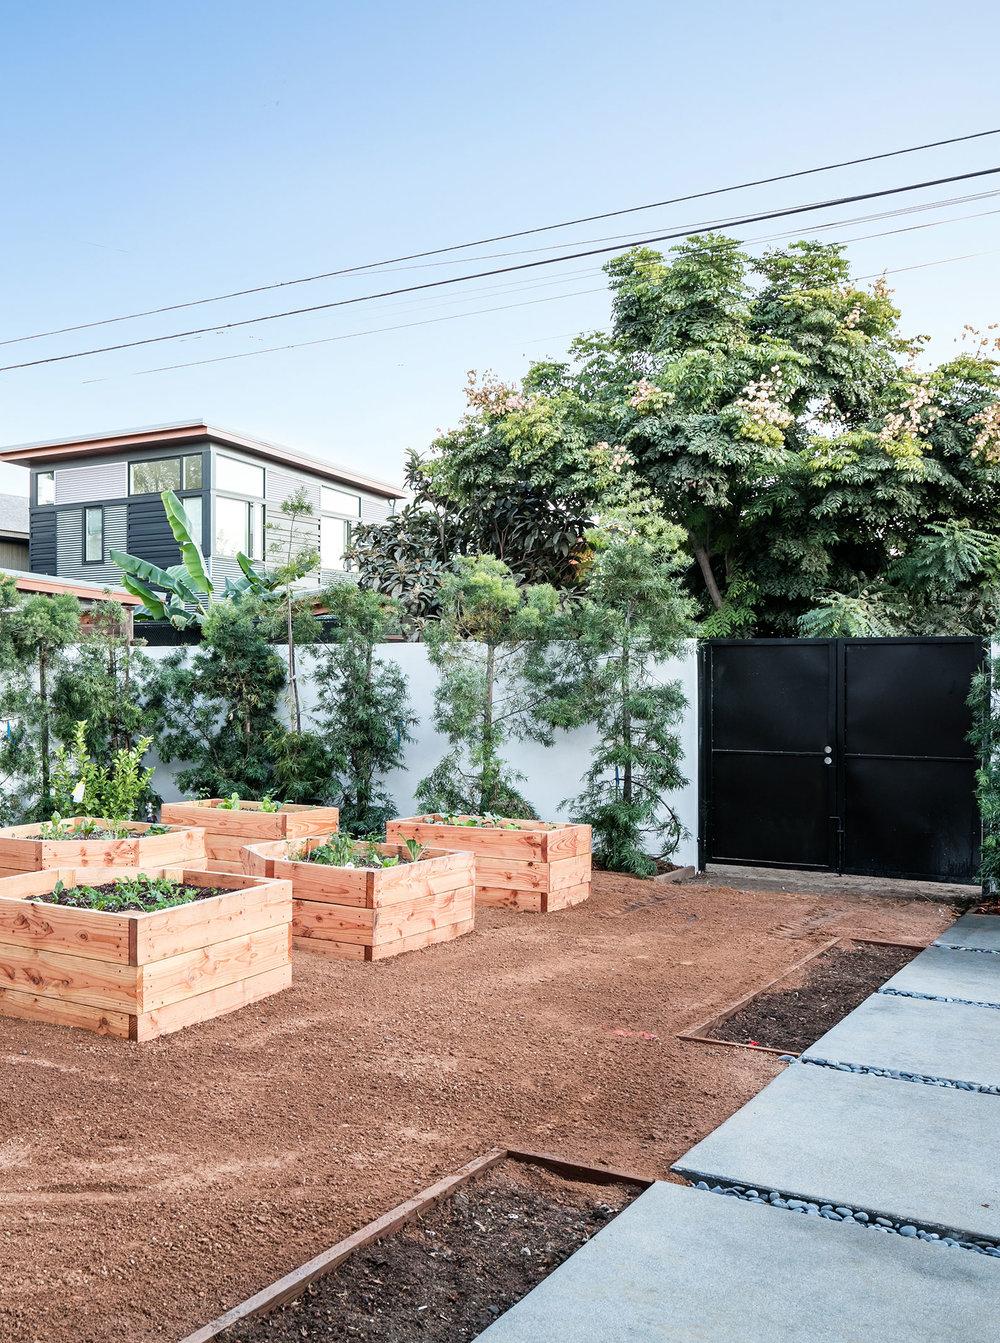 15-SiliconBay-outdoor-backyard-raised-planter-garden.jpg